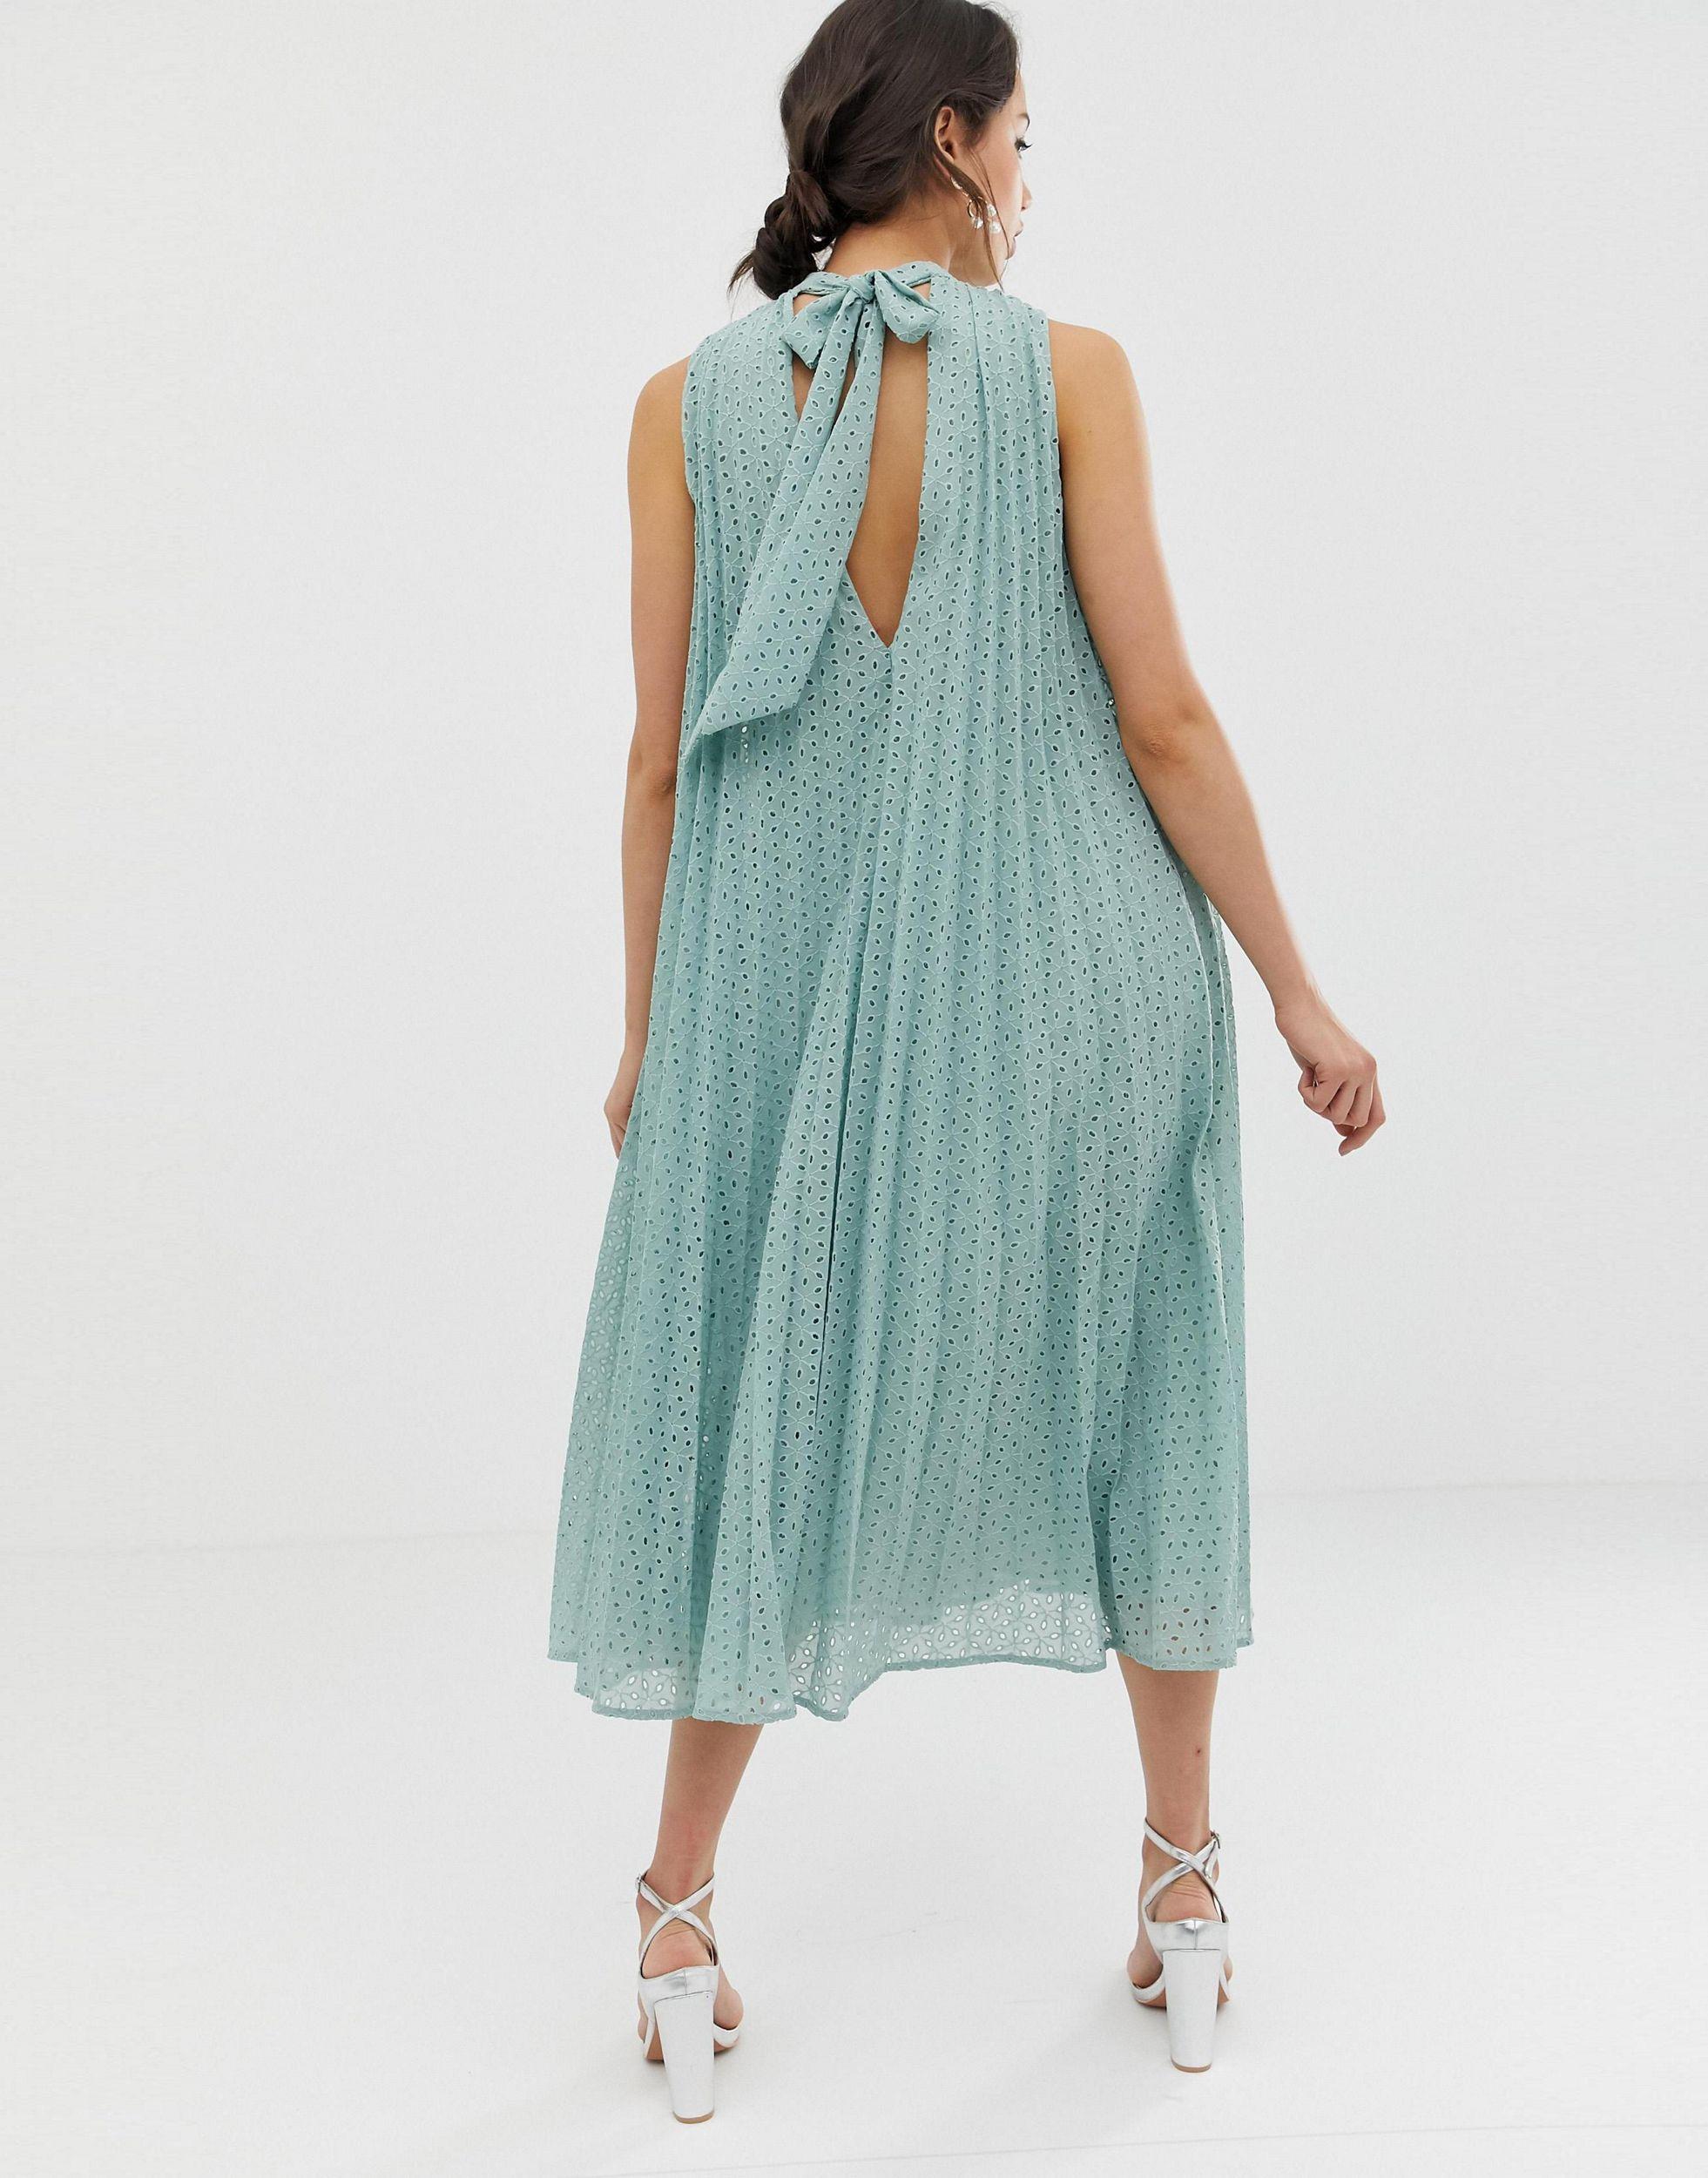 ASOS DESIGN Tall - Robe fluide mi-longue plissée à broderies avec col montant Jean ASOS en coloris Vert